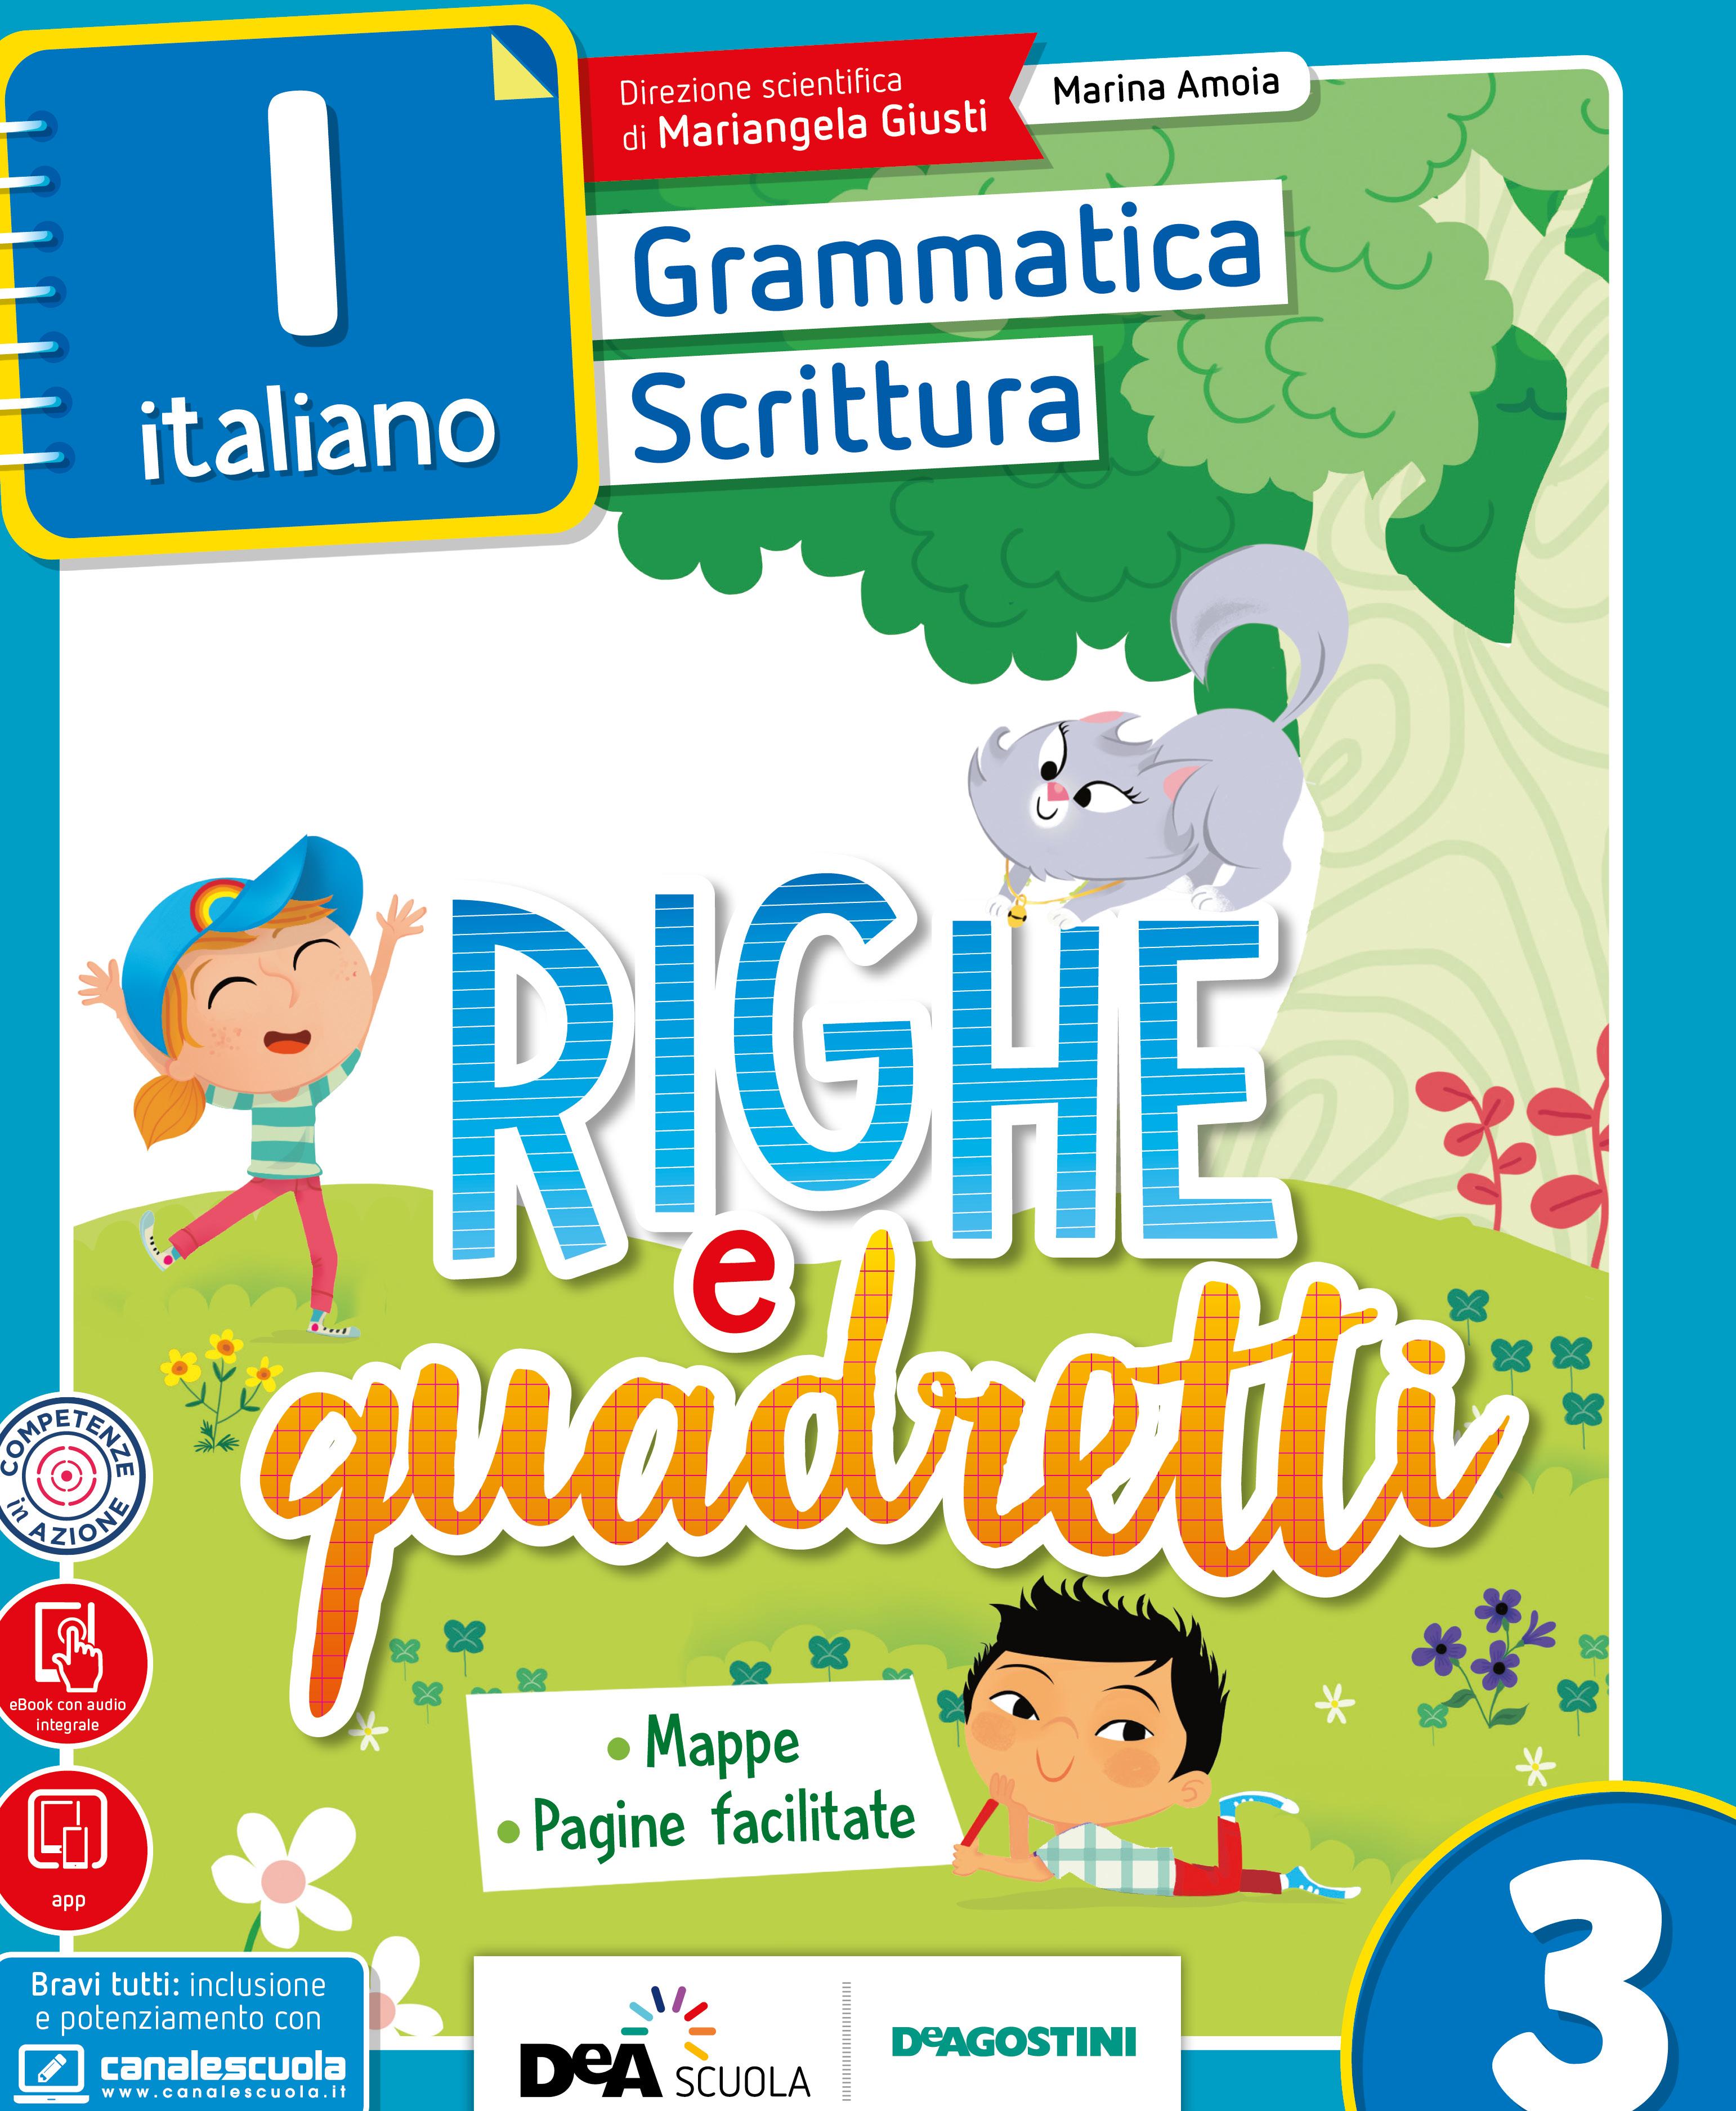 Righe E Quadretti Dea Scuola